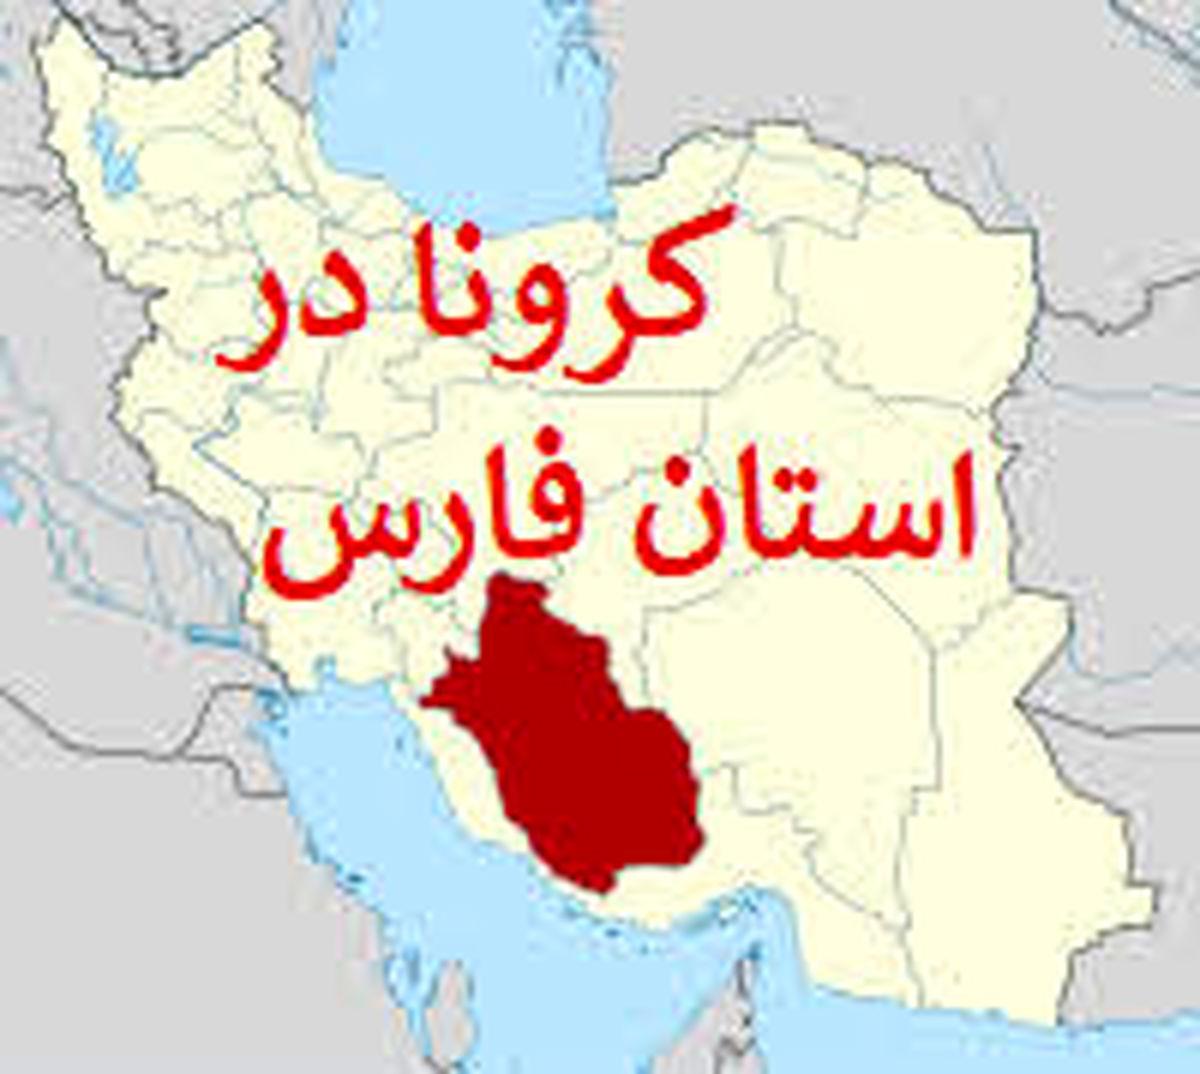 ۳۰ درصد شهرستانهای فارس در وضعیت قرمز کرونایی